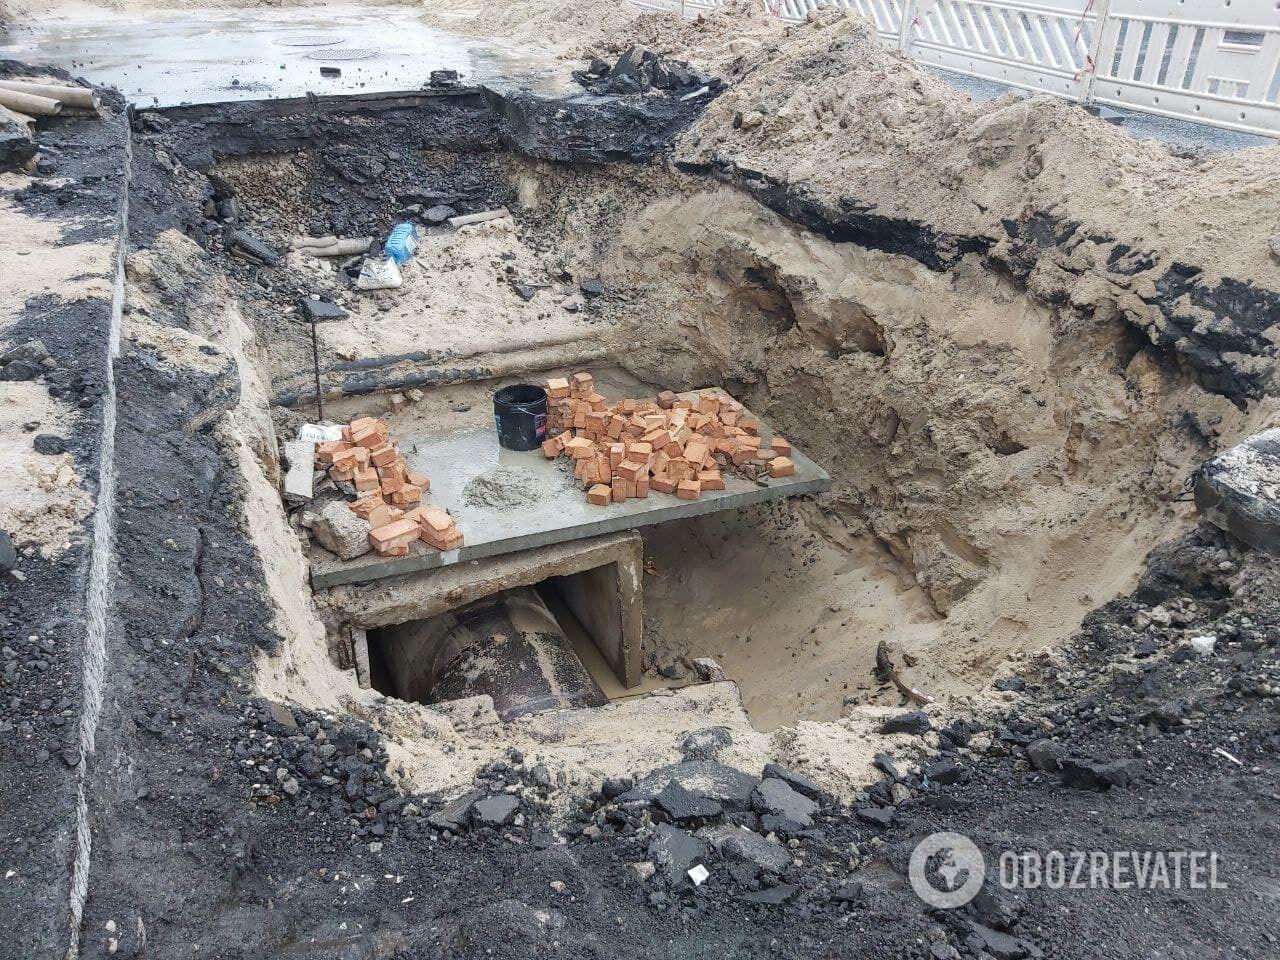 Коммунальщики еще не приступили к ремонту из-за ливня.